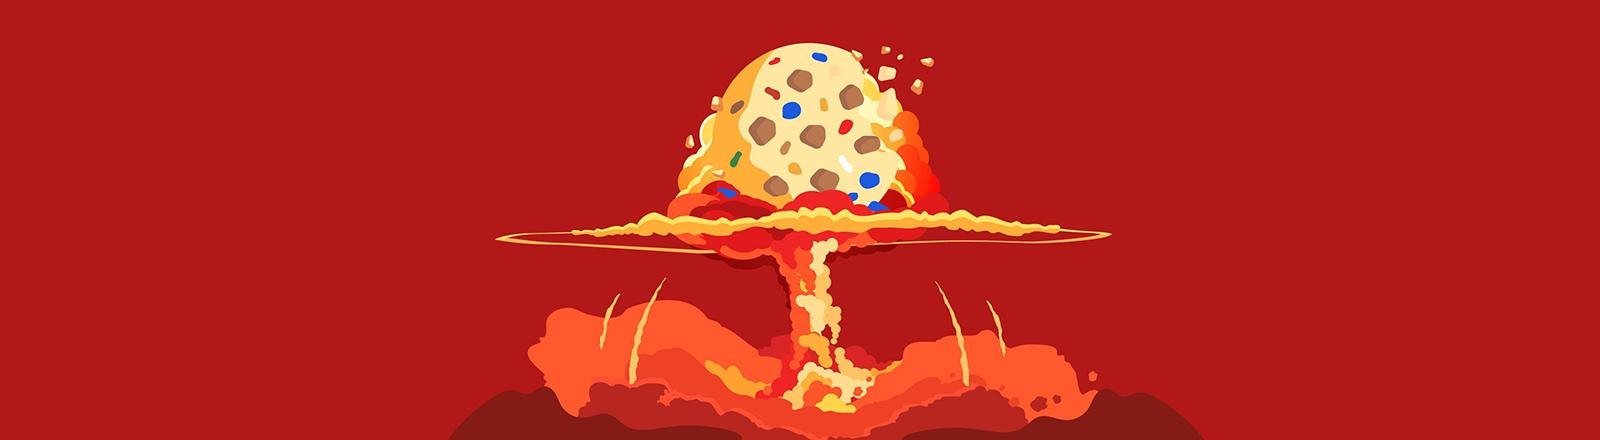 「解決策はない」: Cookie 終焉に関する、欧州パブリッシャー各社の本音とは? | DIGIDAY[日本版]